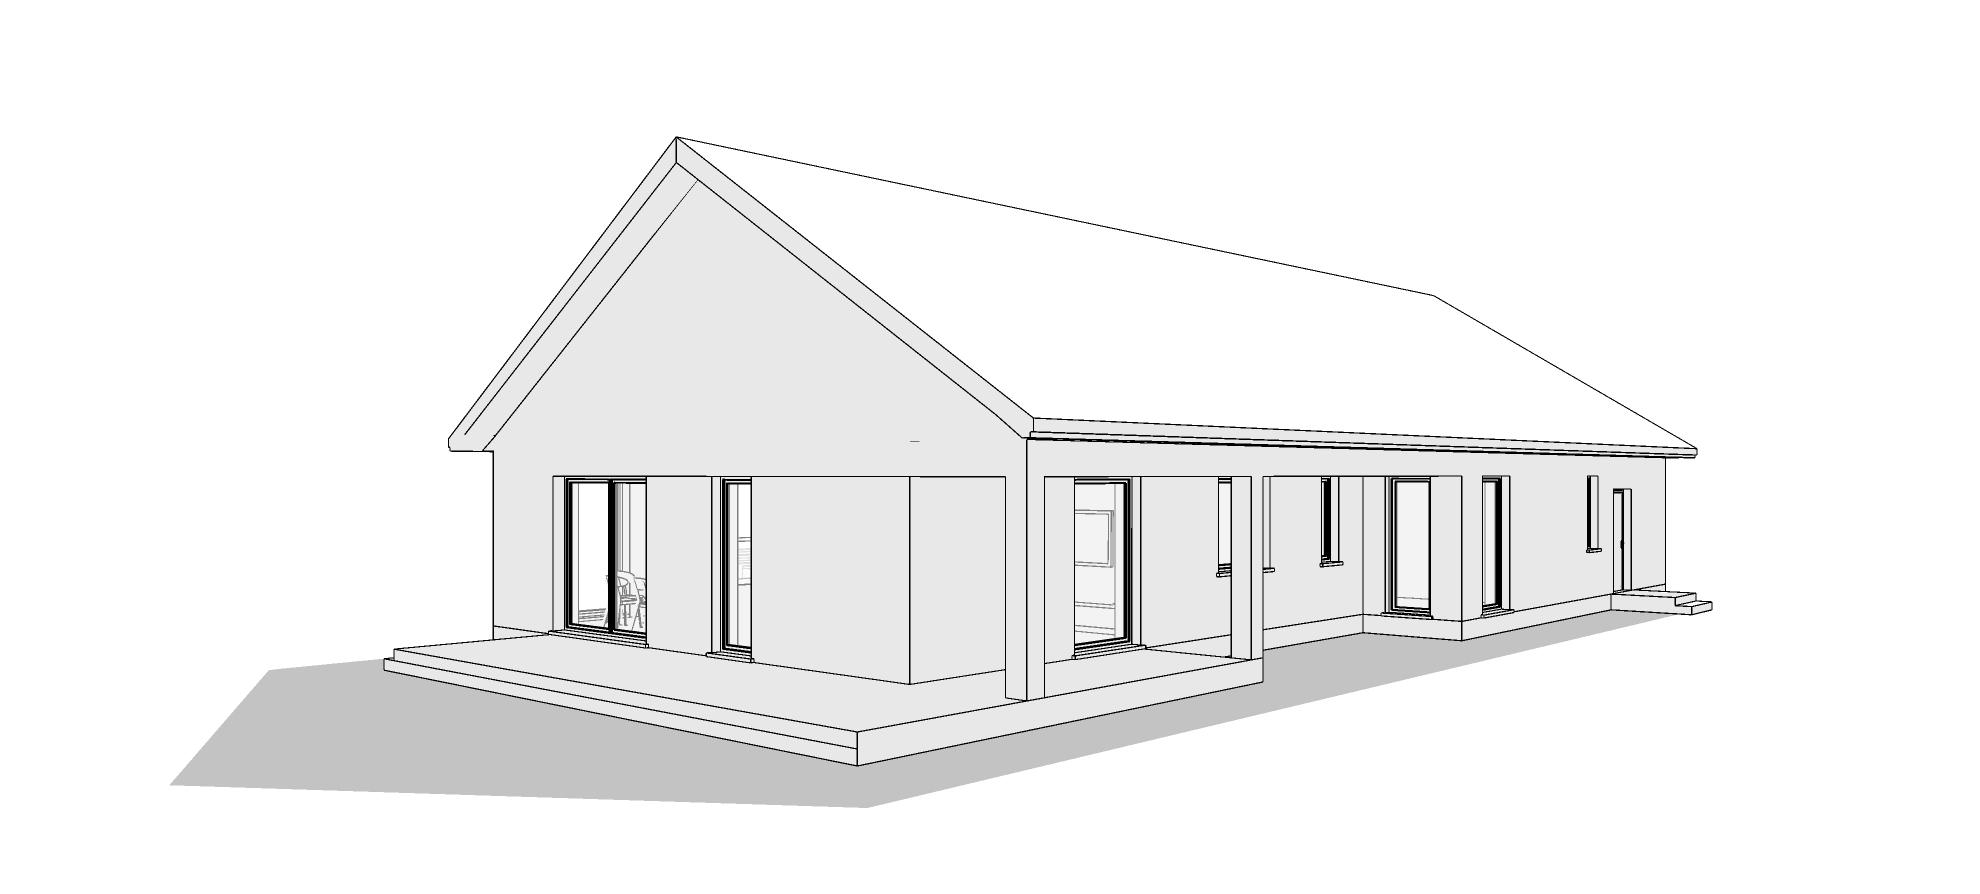 Dom parterowy z dachem dwuspadowym. M2 Architektura Katowice - Pracownia Projektowa Katowice